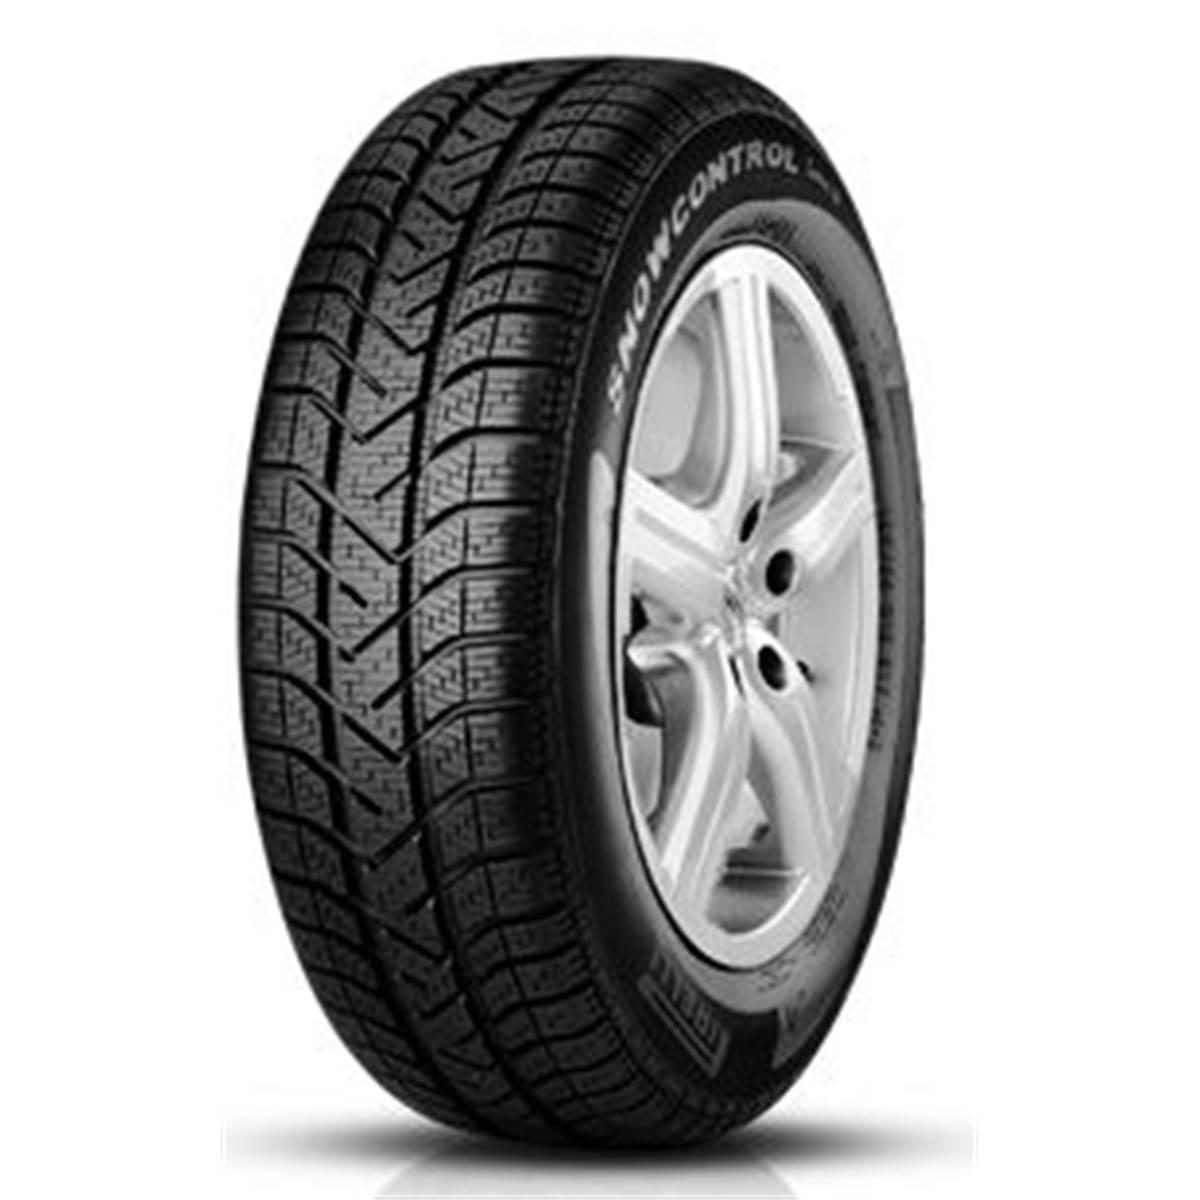 Pneu Hiver Pirelli 185/65R15 92T Winter 190 Snowcontrol Iii